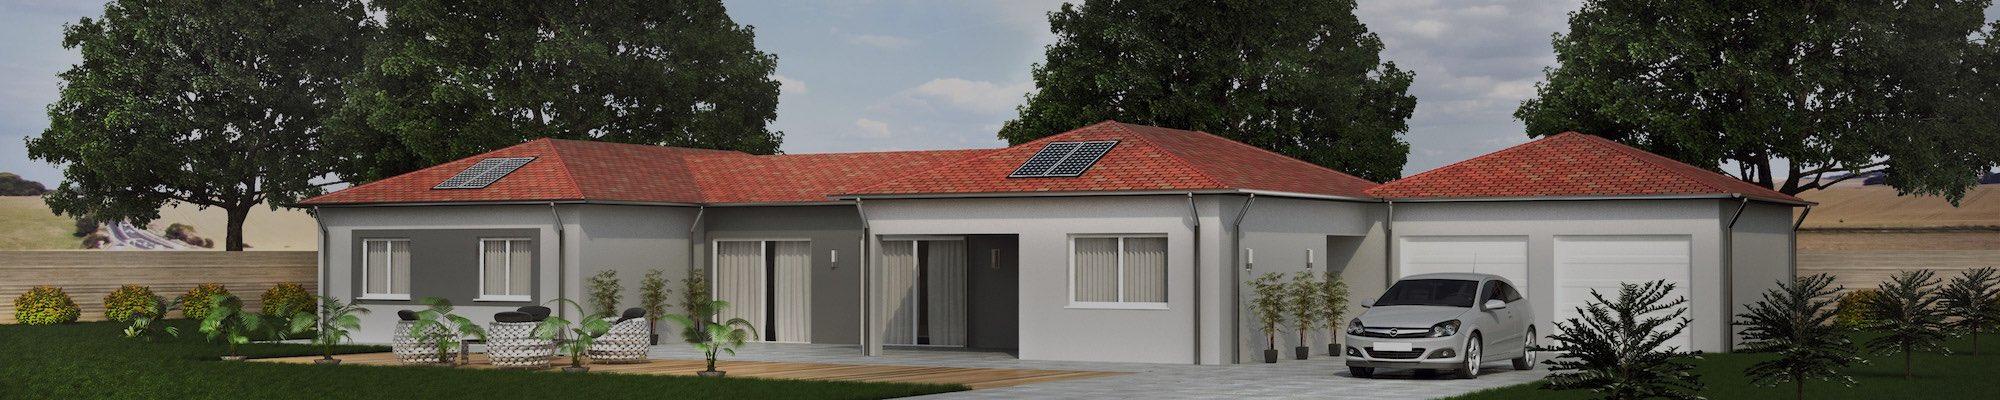 construire seul sa maison construire une maison rt zone sismicit modre vide sanitaire btir sa. Black Bedroom Furniture Sets. Home Design Ideas